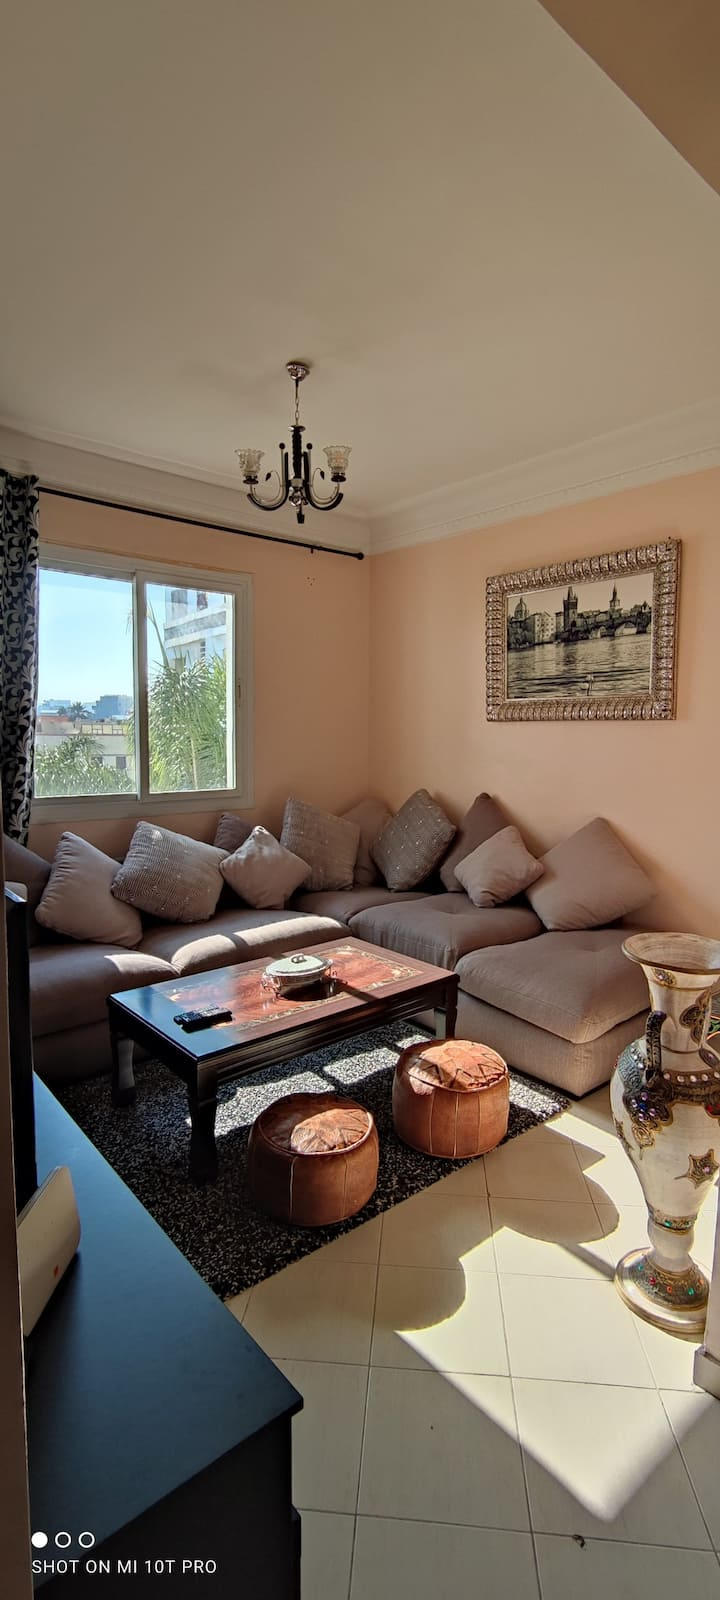 Très bel appartement dans une résidence calme